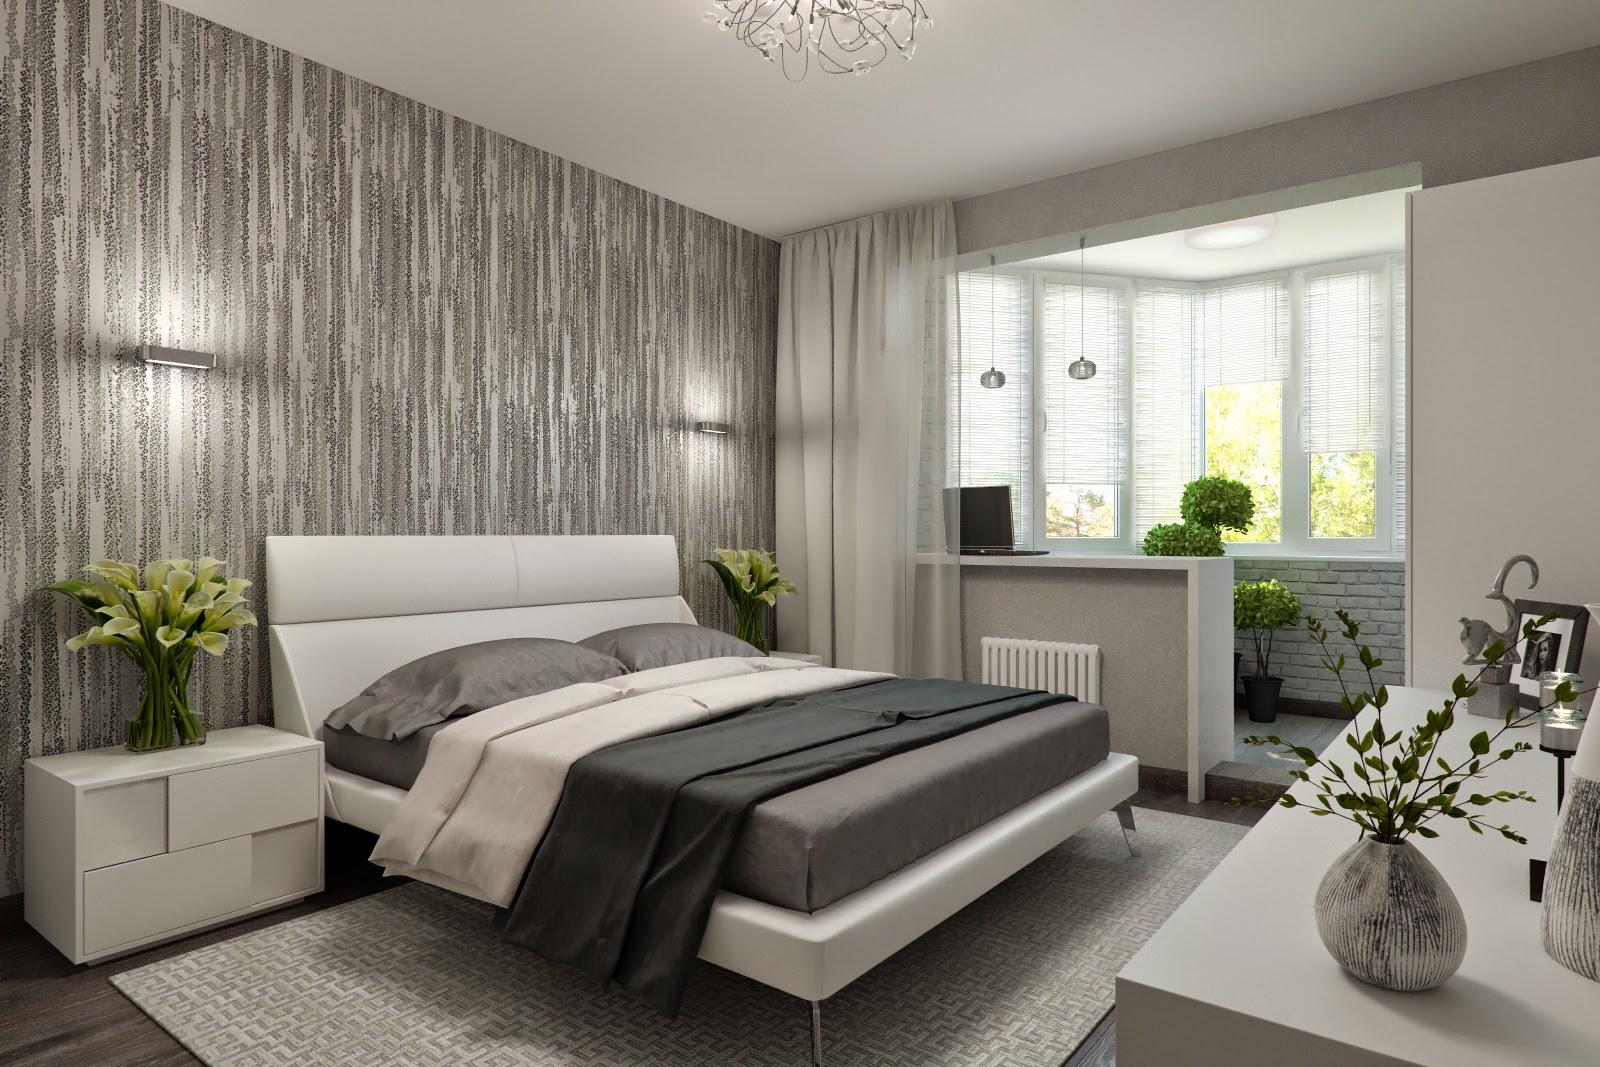 Ідеї приєднання лоджії та балкону до квартири | Ідеї декору